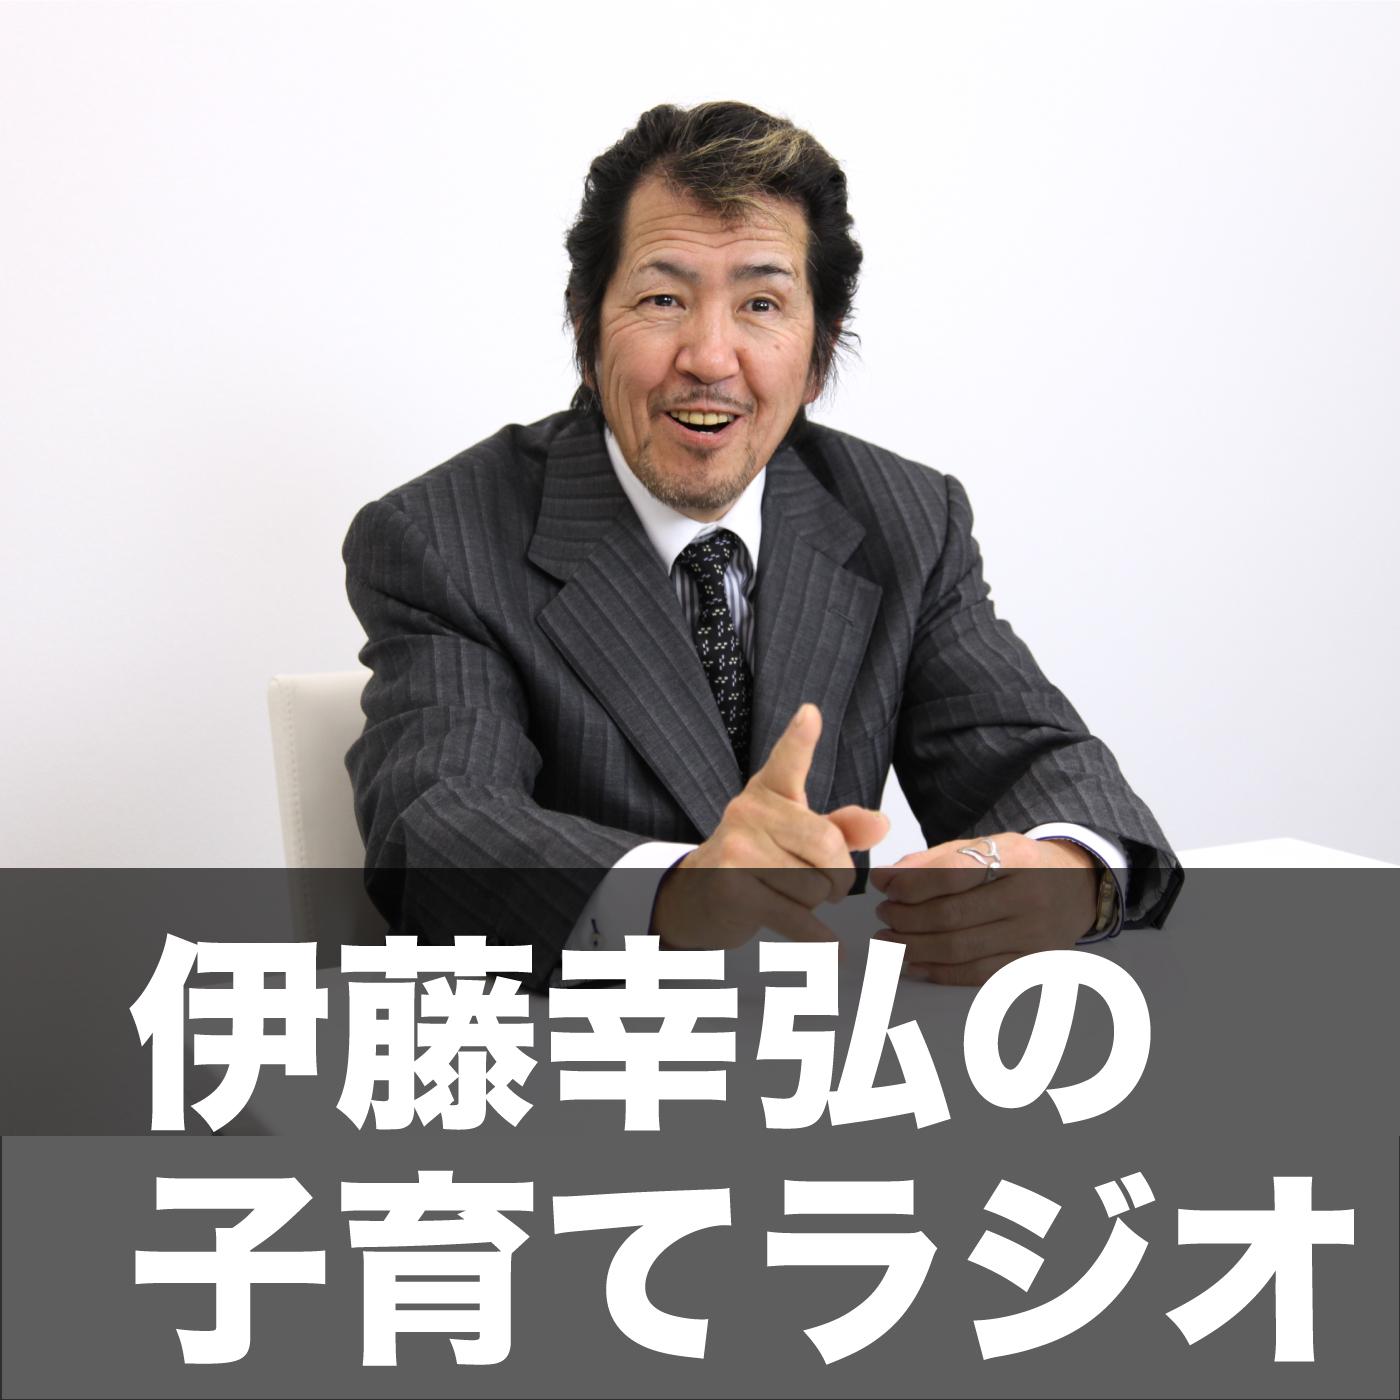 伊藤幸弘の子育てラジオ